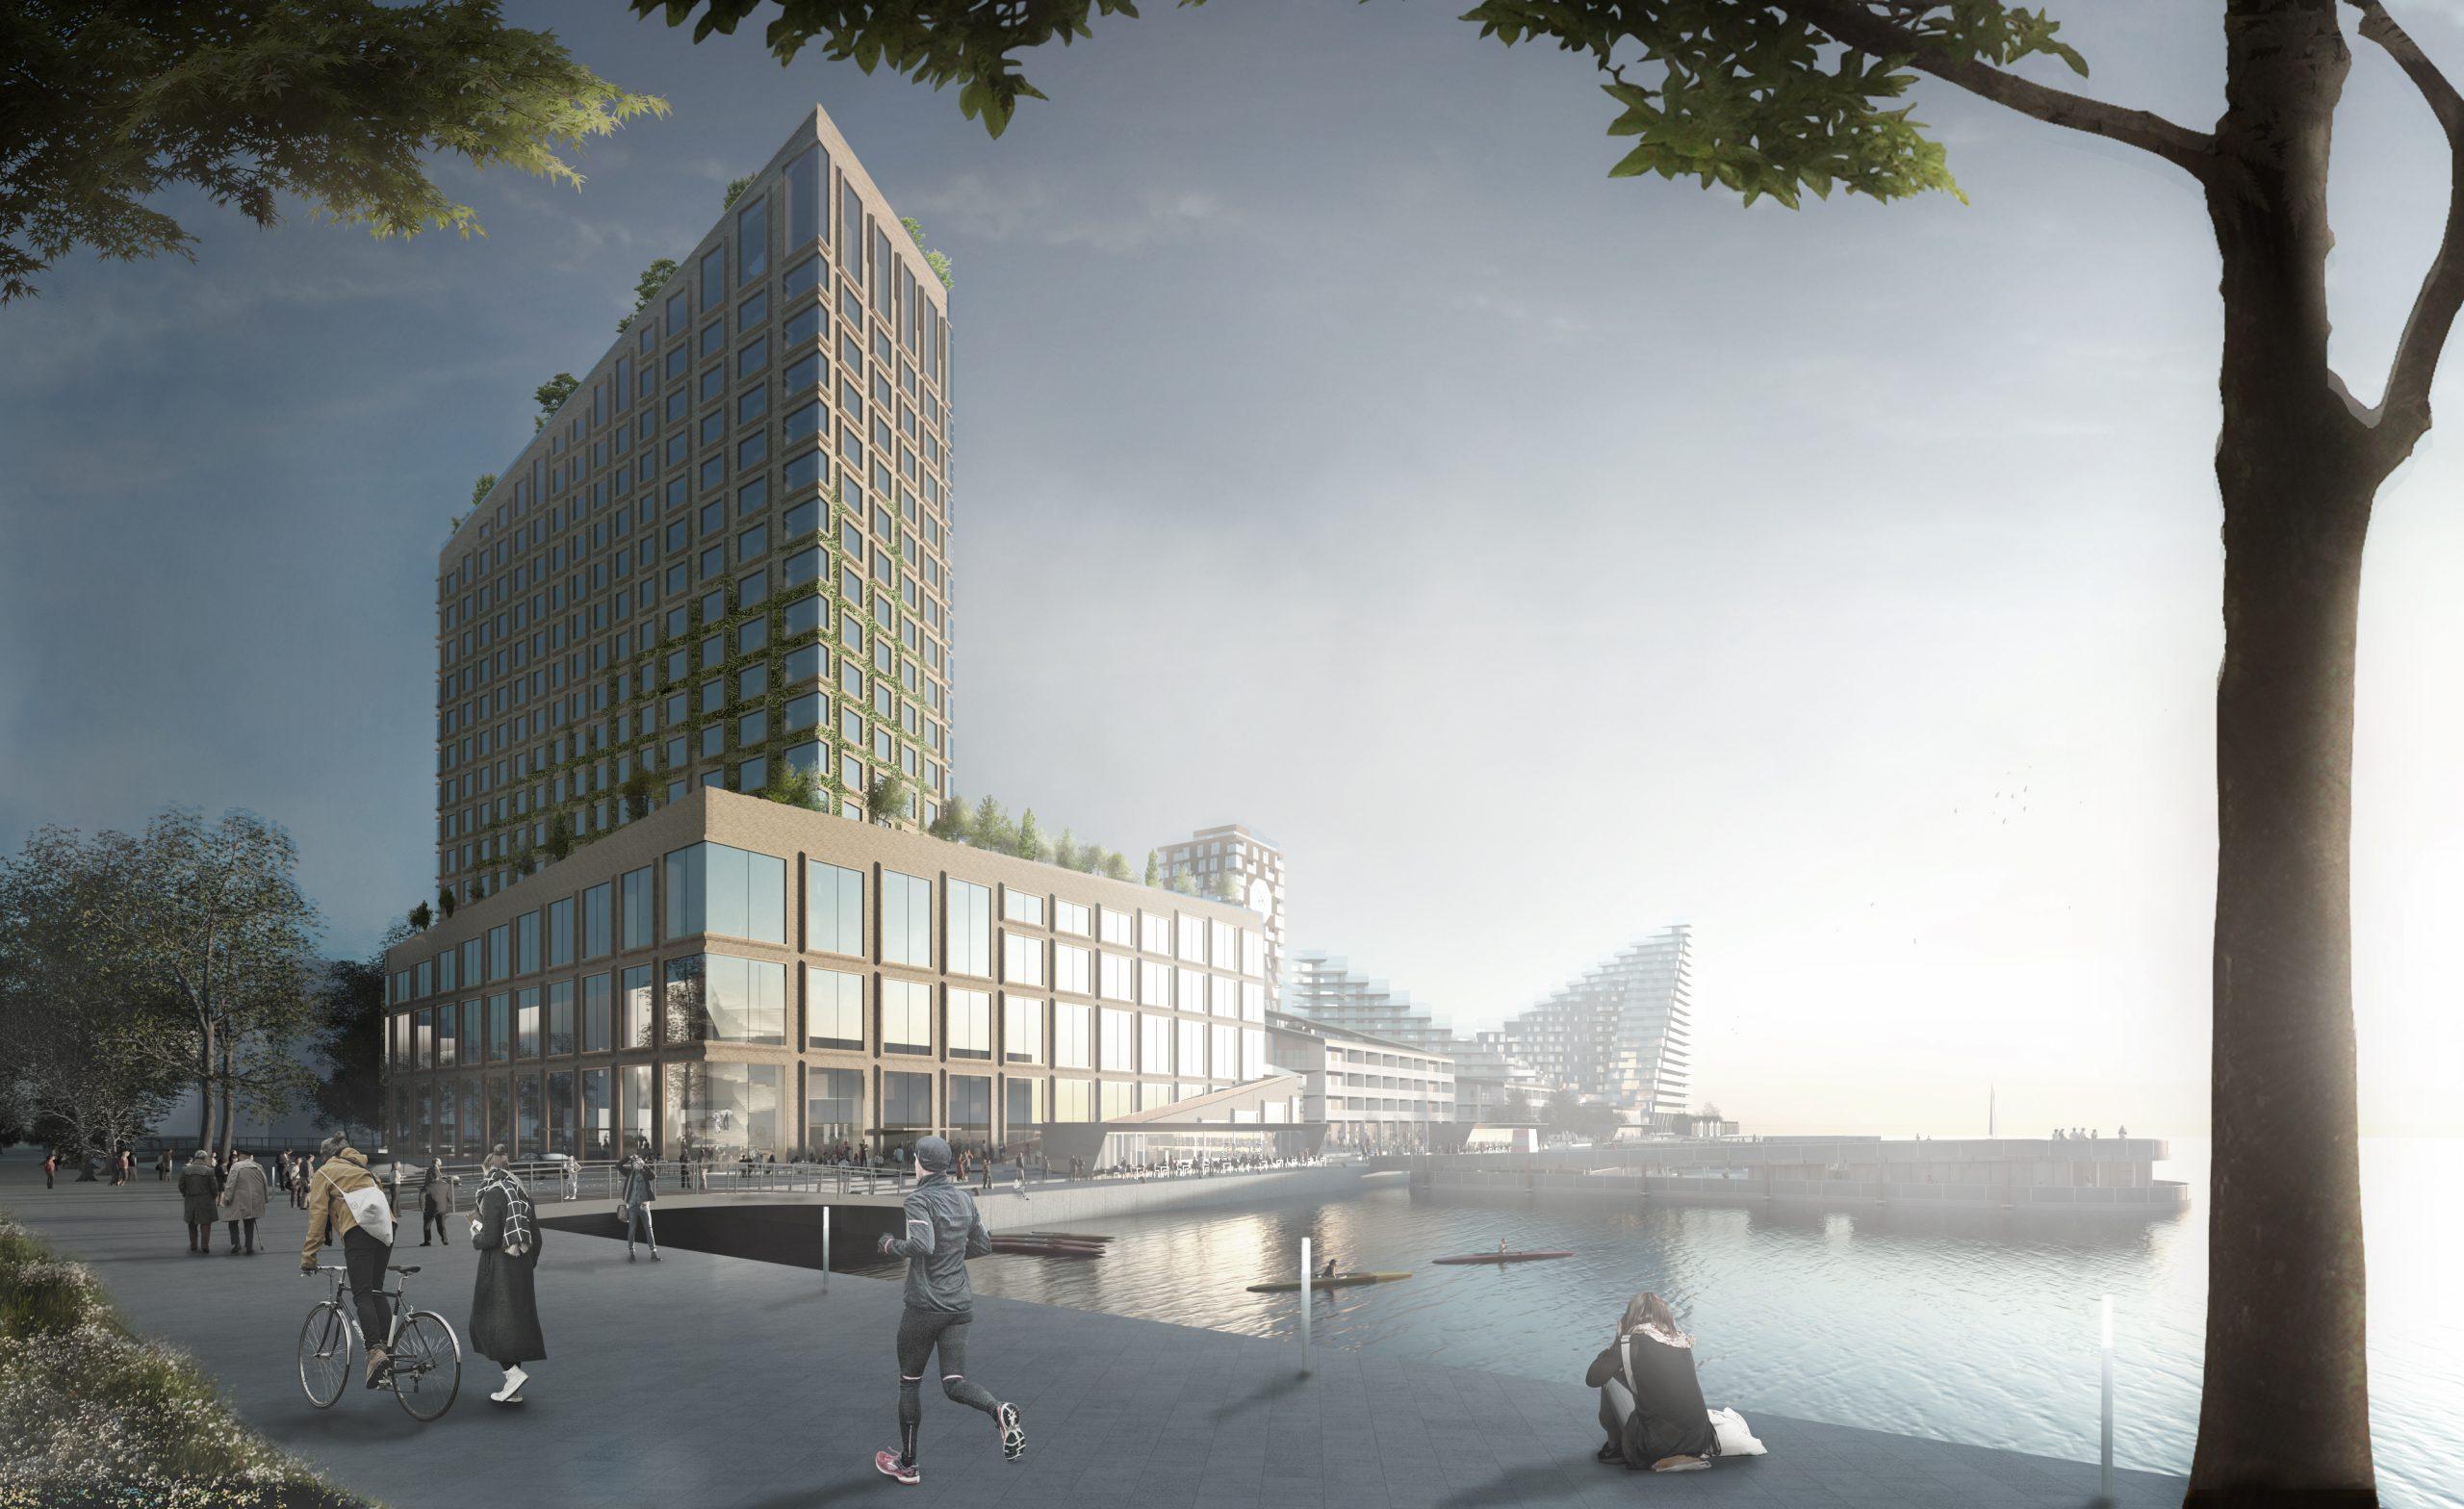 Den flotte, planlagte bygning med blandt andet et stort Scandic-hotel ved havnen i Aarhus forventes nu først klar i starten af 2026. (Illustration: Bjarke Ingels Group og Sleth)